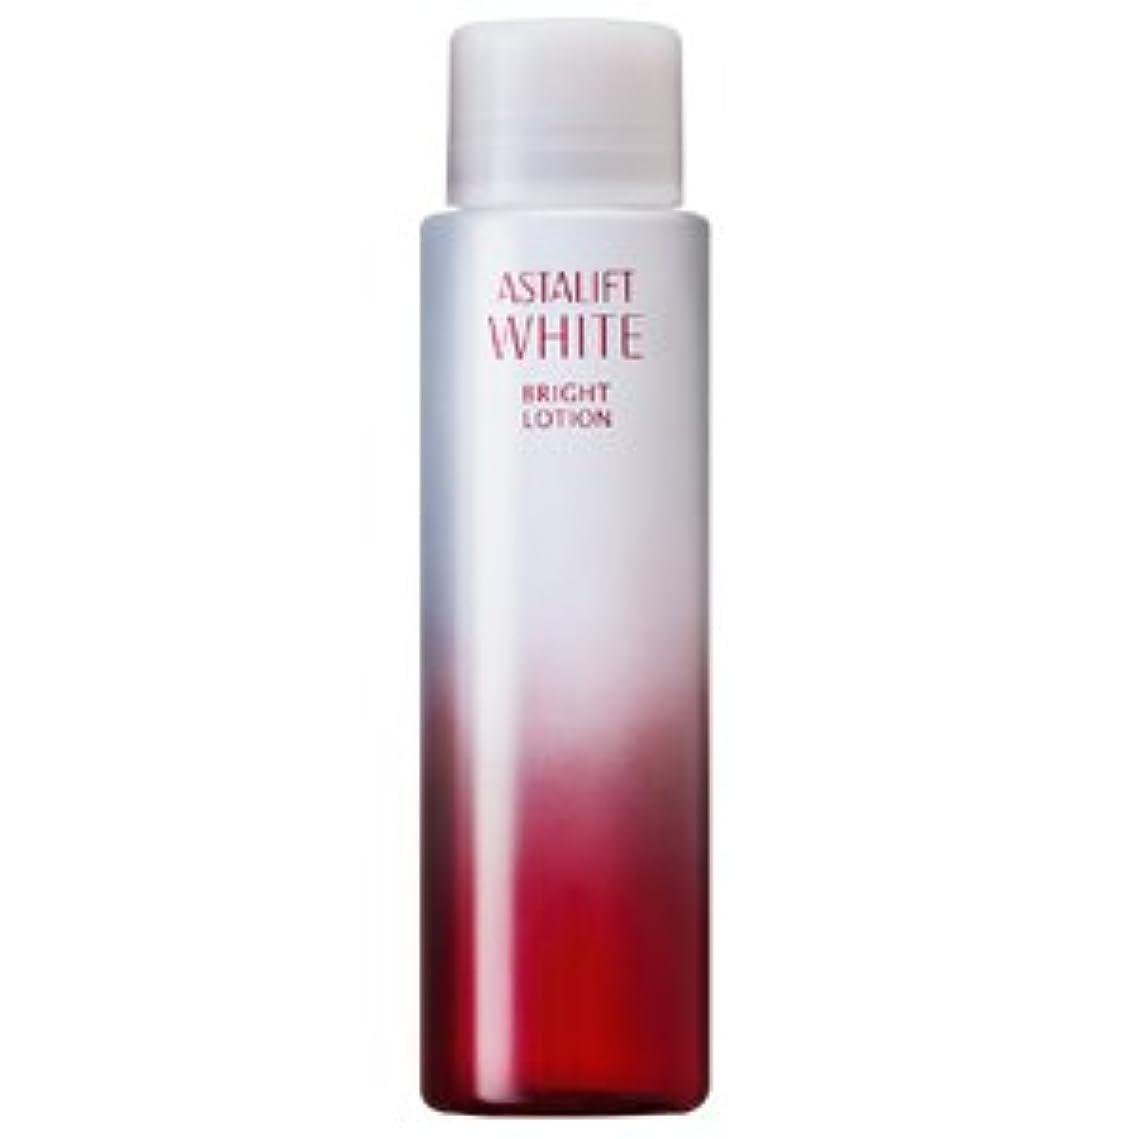 ラバ静脈つかまえるアスタリフト/ASTALIFT 化粧水 アスタリフトホワイトブライトローション レフィル 130ml [並行輸入品]